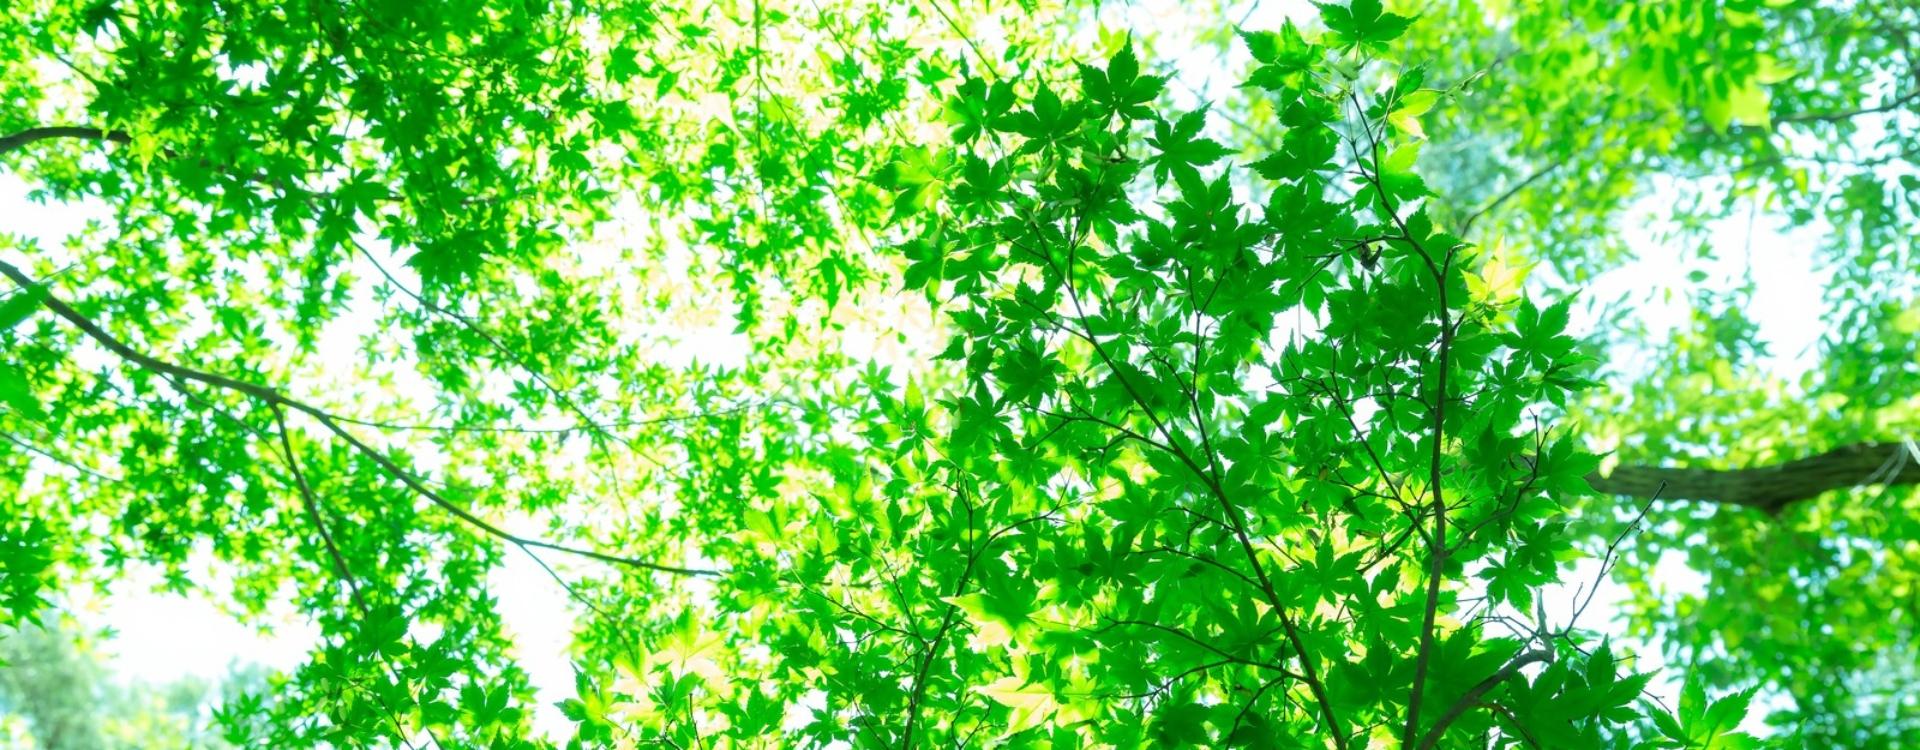 はむら鍼灸院|東京・立川|腰痛 坐骨神経痛 スポーツ障害